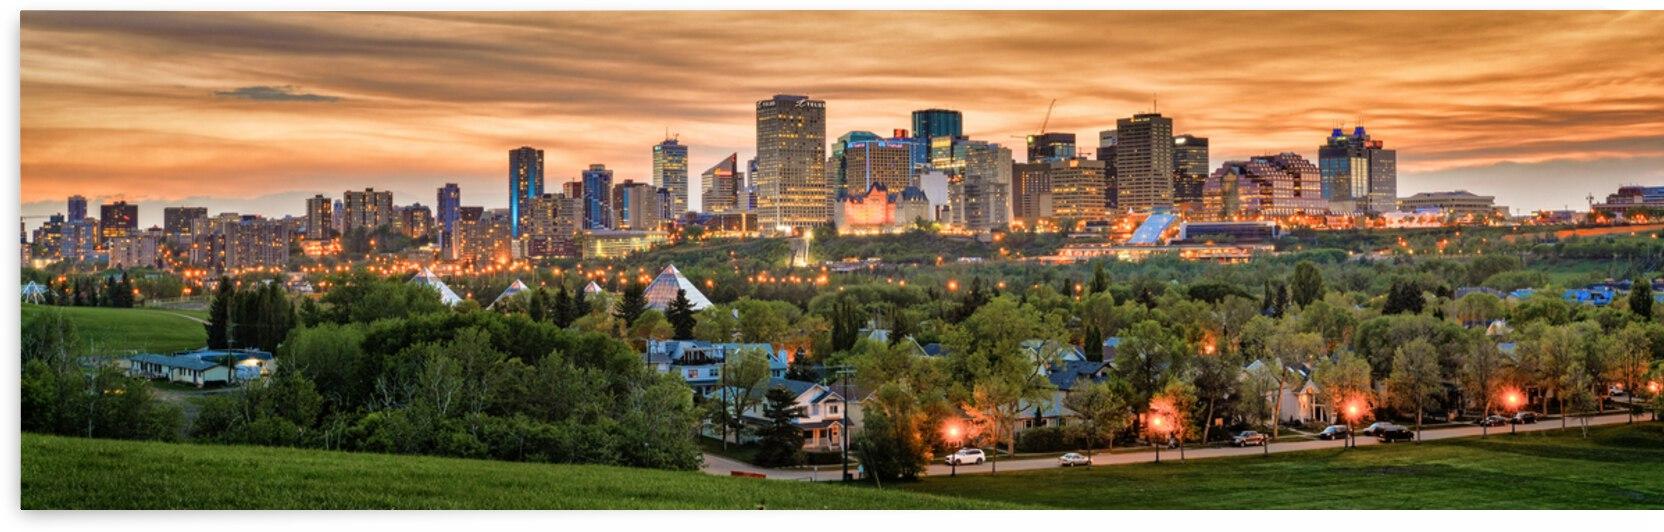 Edmonton Skyline by Fischer Photography